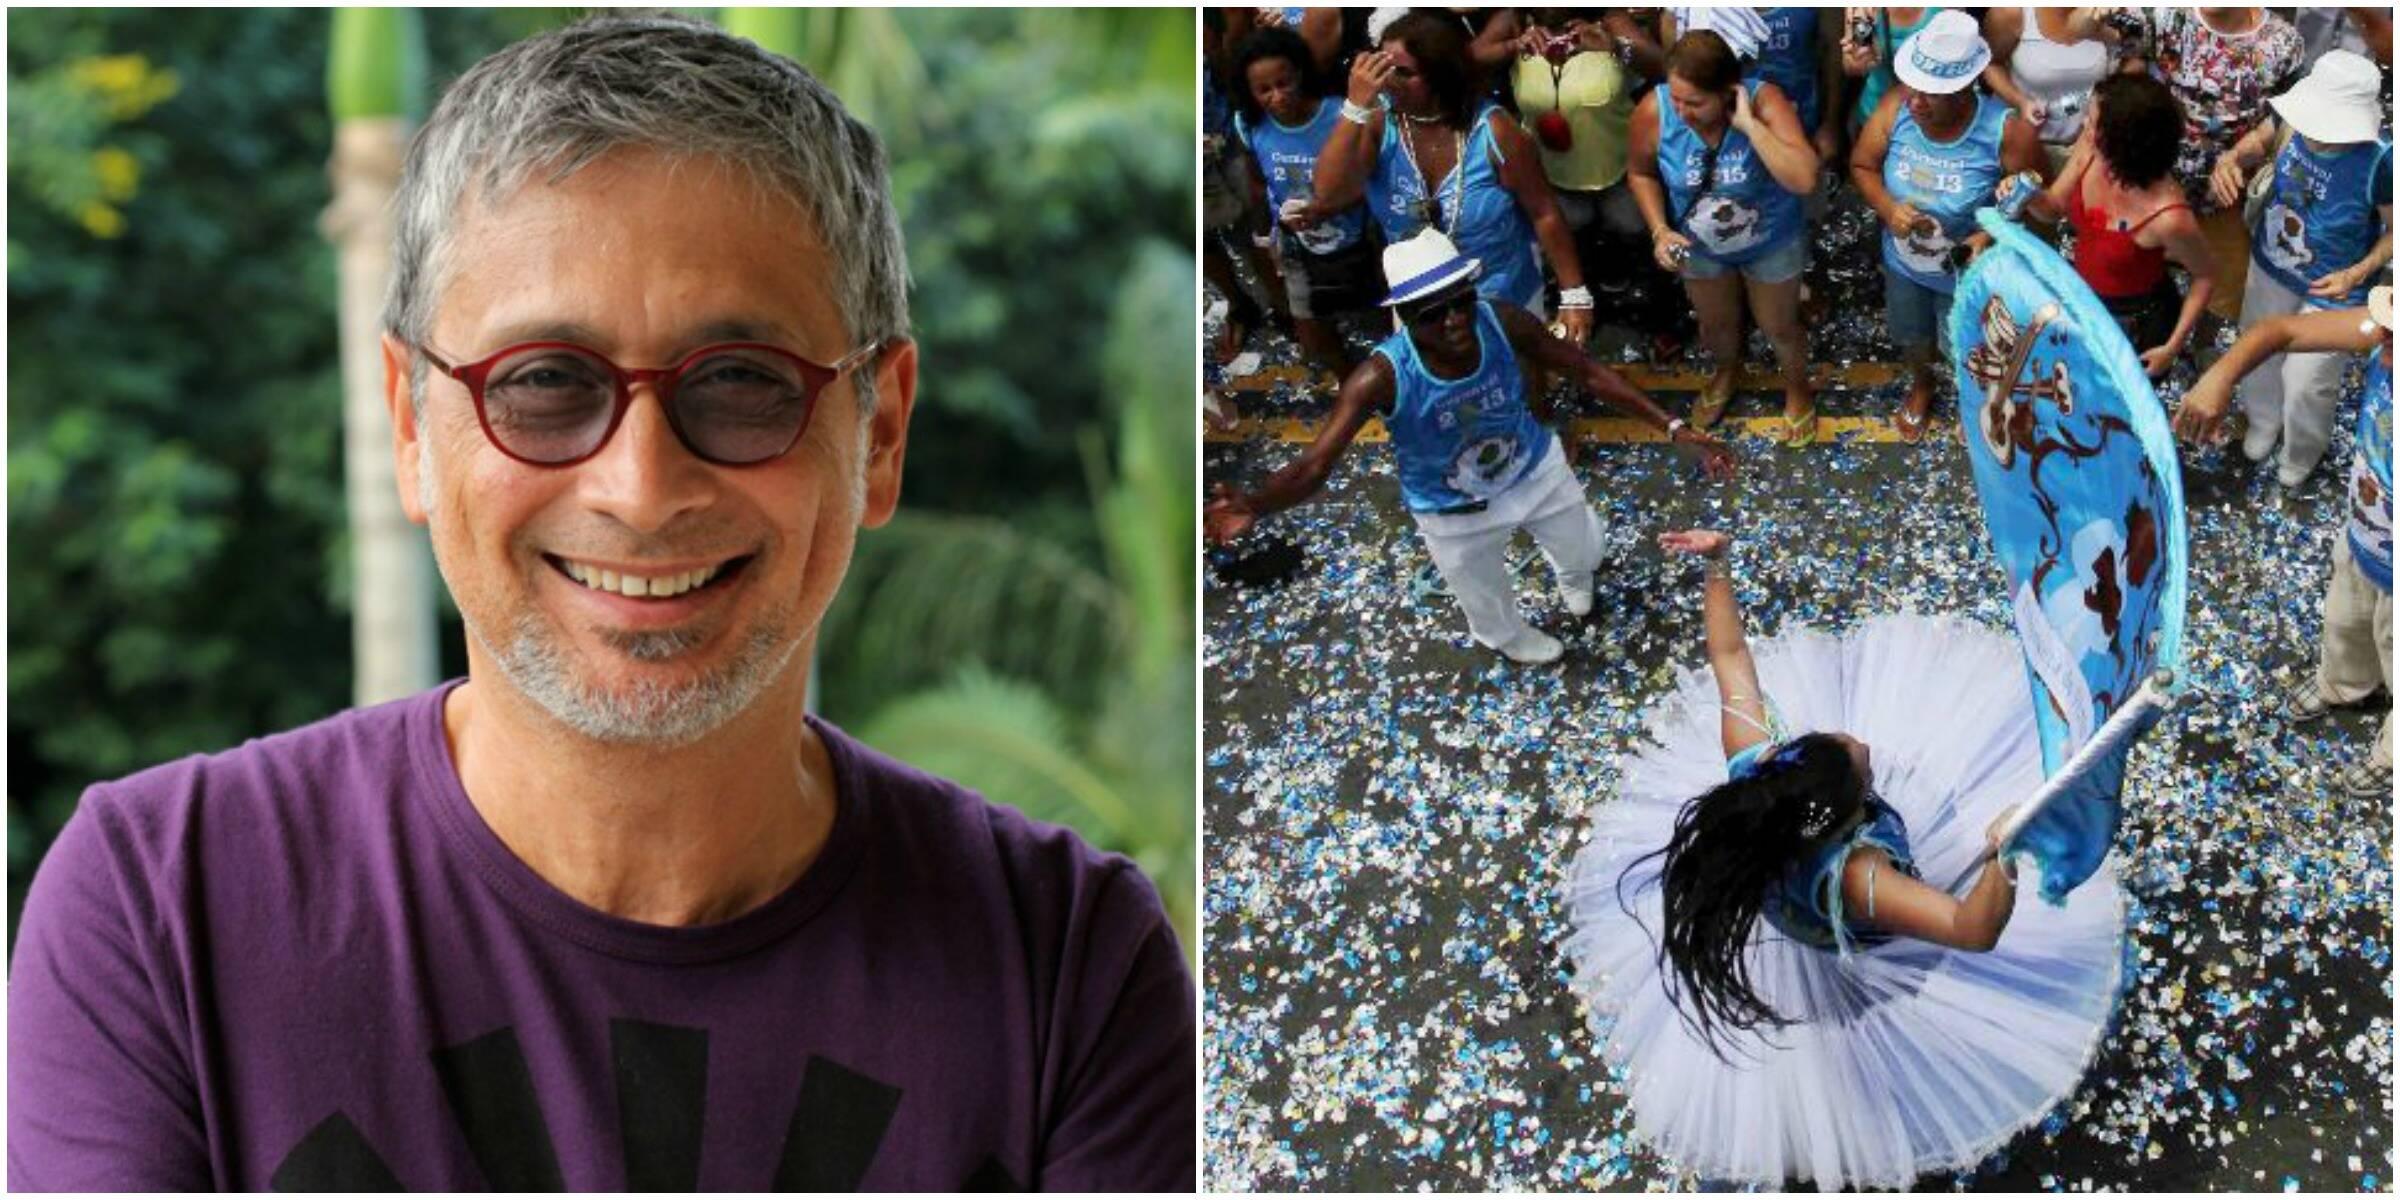 Zé Renato, à esquerda, e a evolução da porta-bandeira: juntos, neste domingo, em Oswaldo Cruz, na Zona Norte carioca / Fotos: divulgação